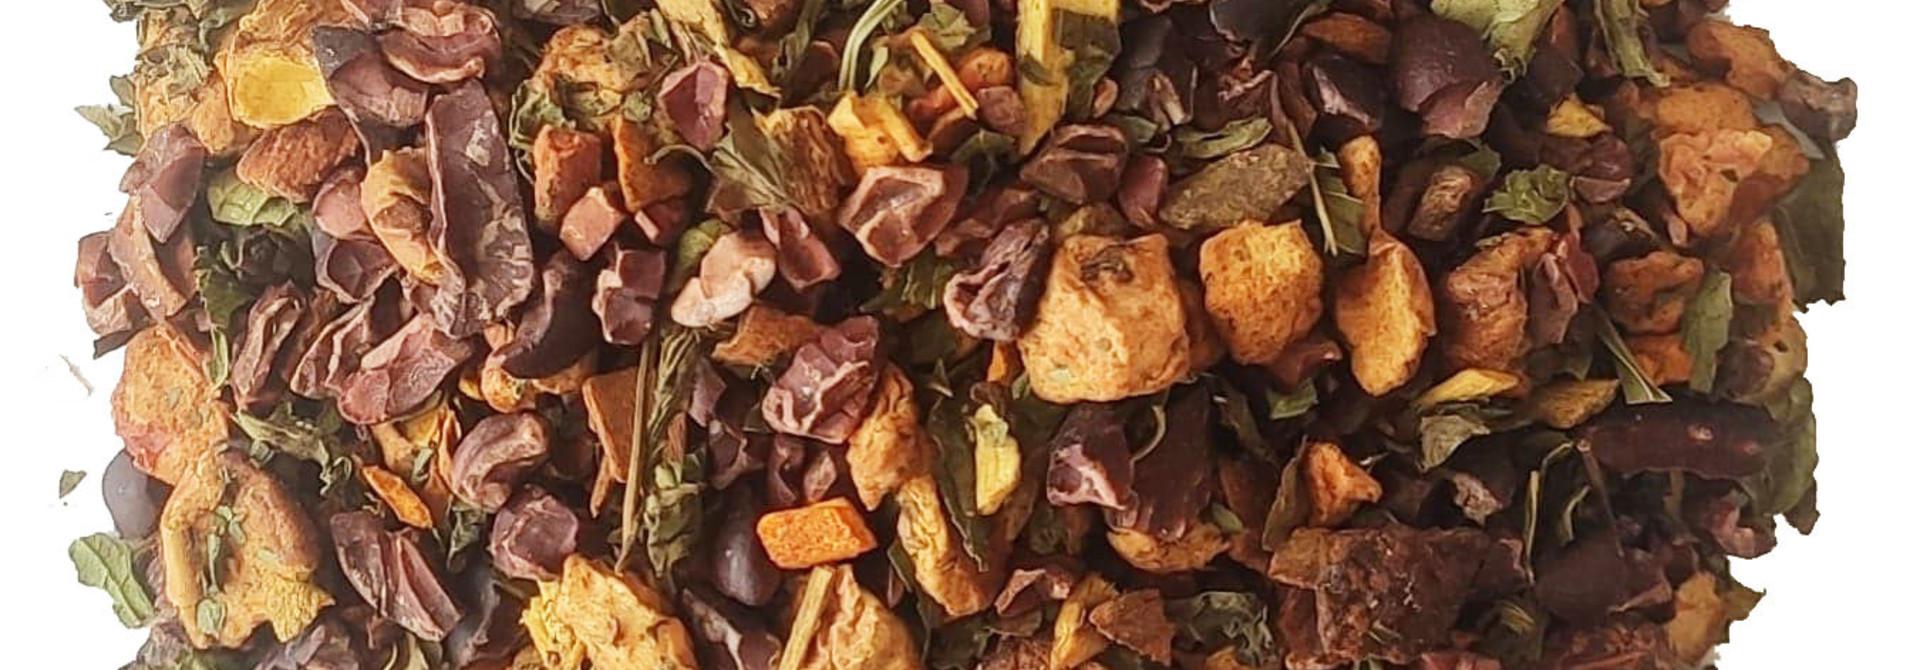 Kräutertee: Kurkuma -Minze - Schokoladenstückchen BIO